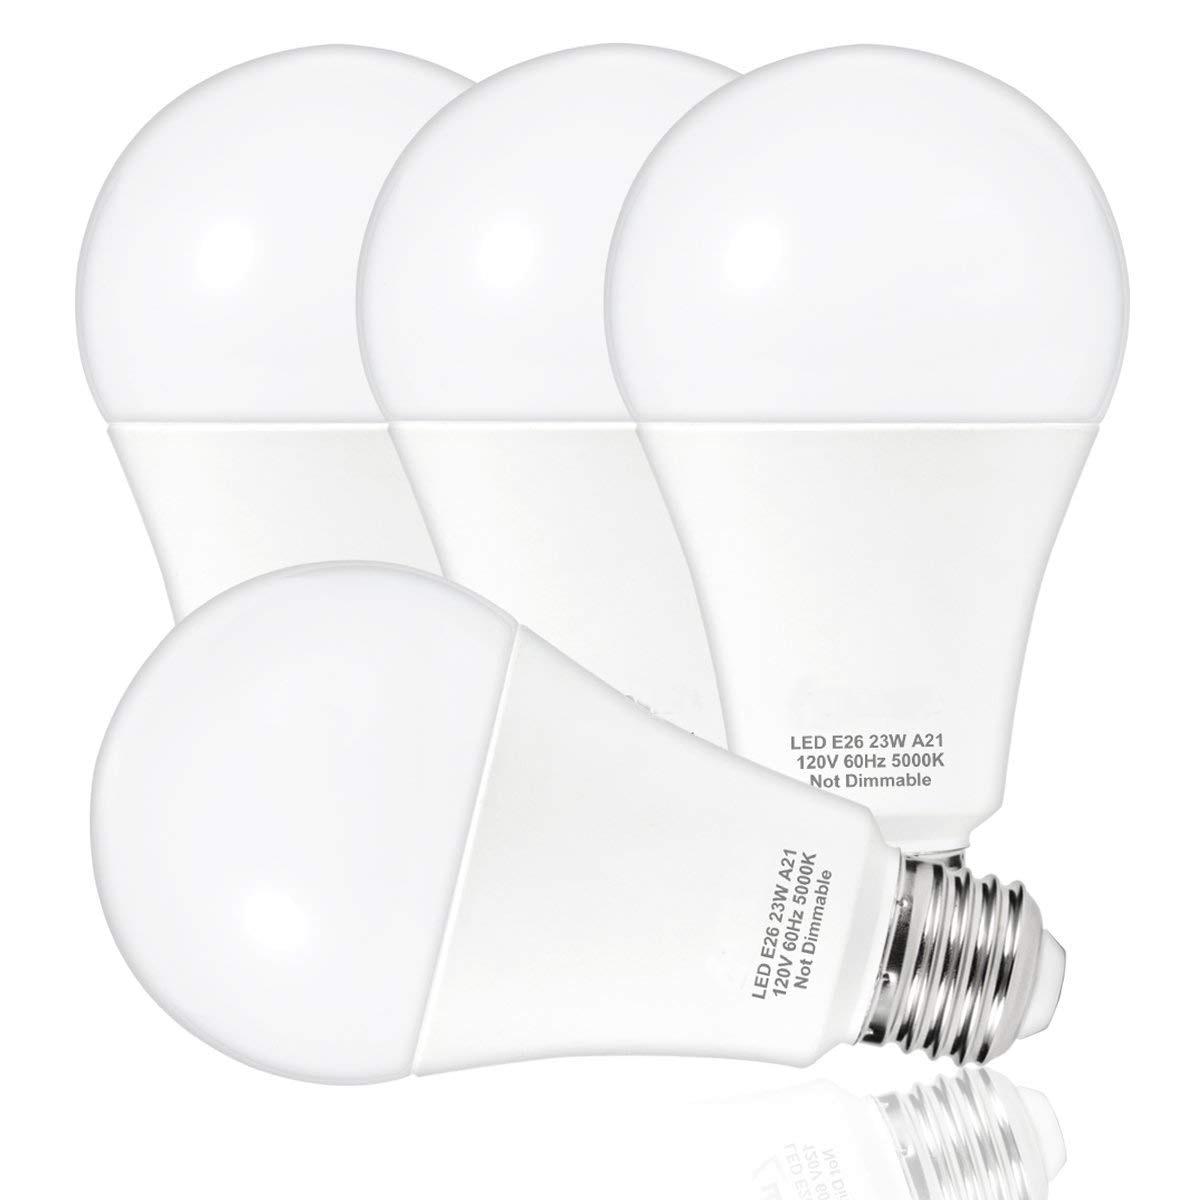 Светодиодный лампы 150 Вт-200 Вт лампочки эквивалент 23 Вт A21 светодиодный лампы <font><b>2500</b></font> люмен дневной 5000 К e26 основа для домашнего освещения (набор из&#8230;